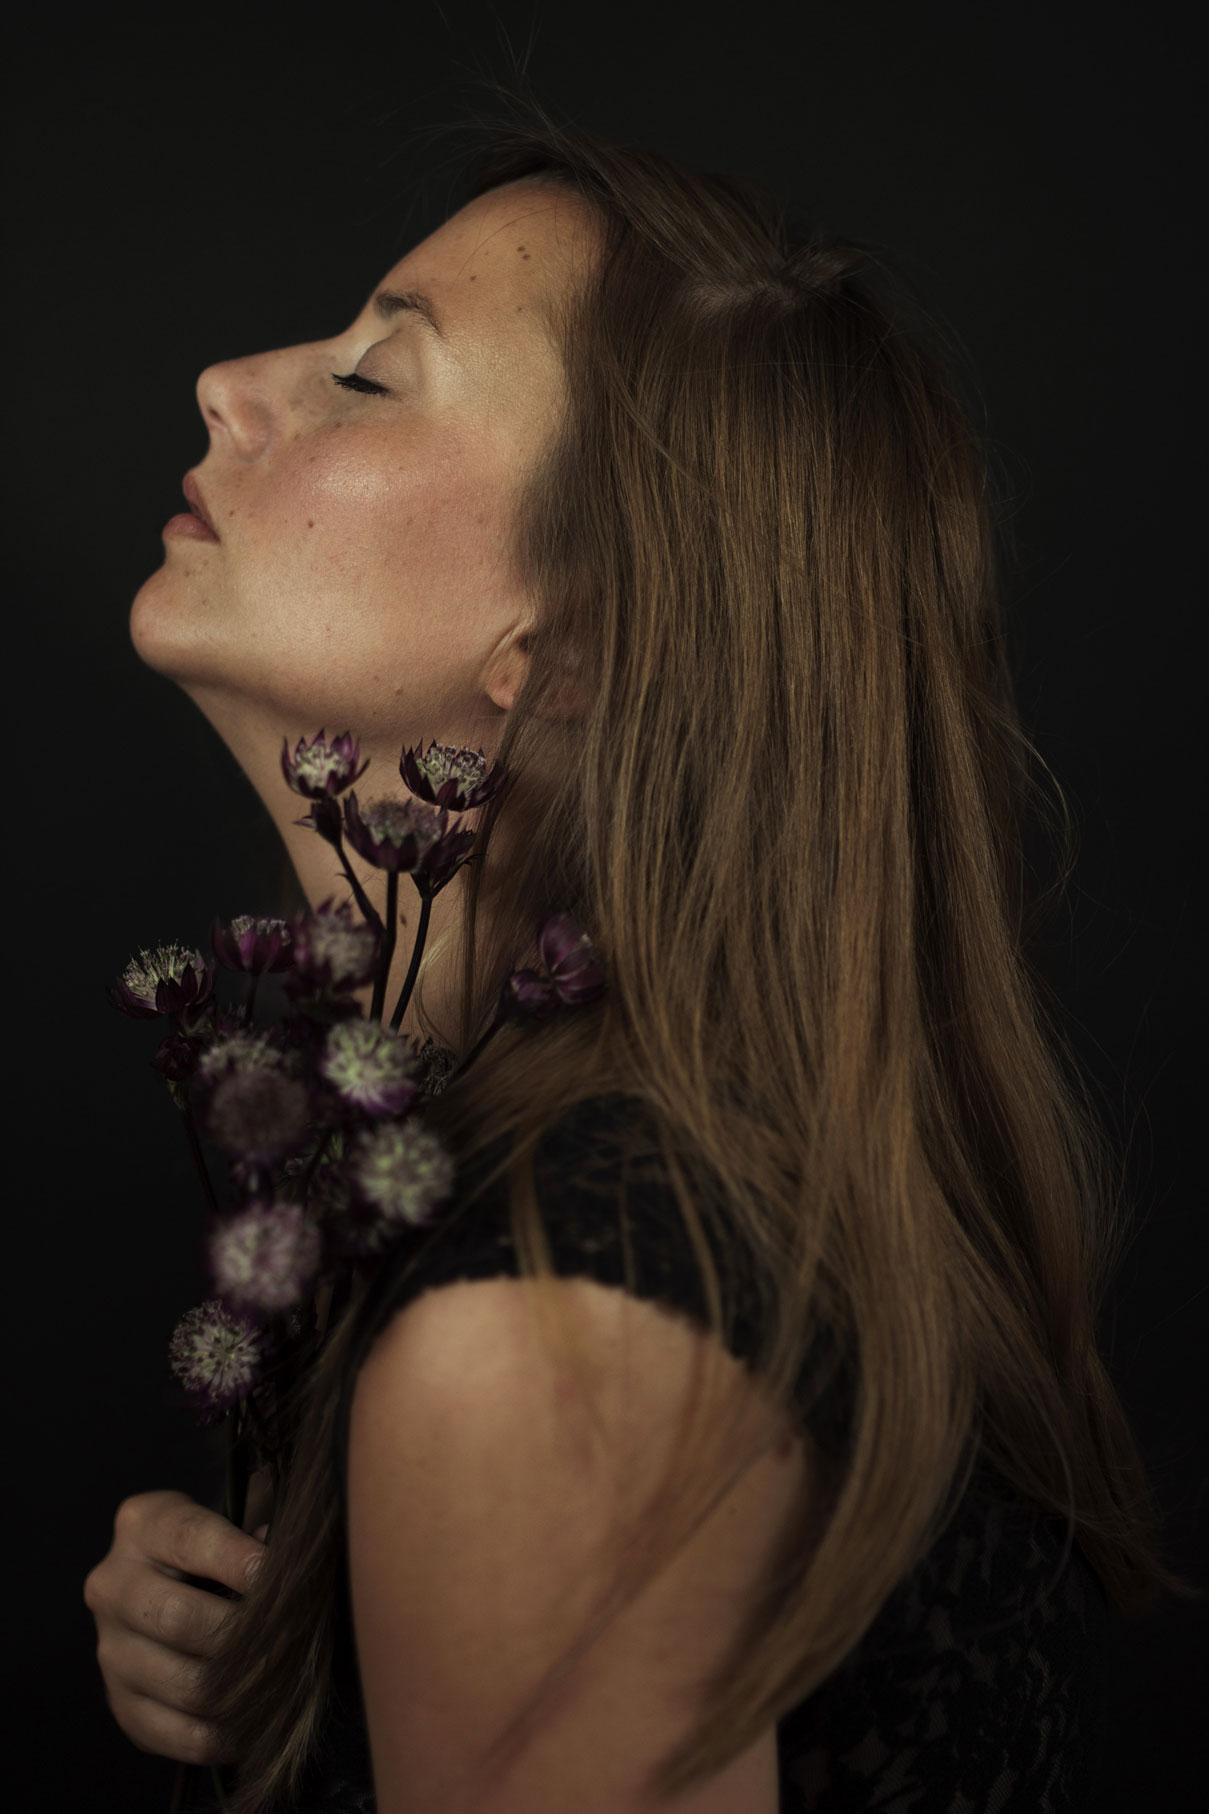 portrait d'une jeune femme de profil la tête en arrière avec un bouquet de fleurs